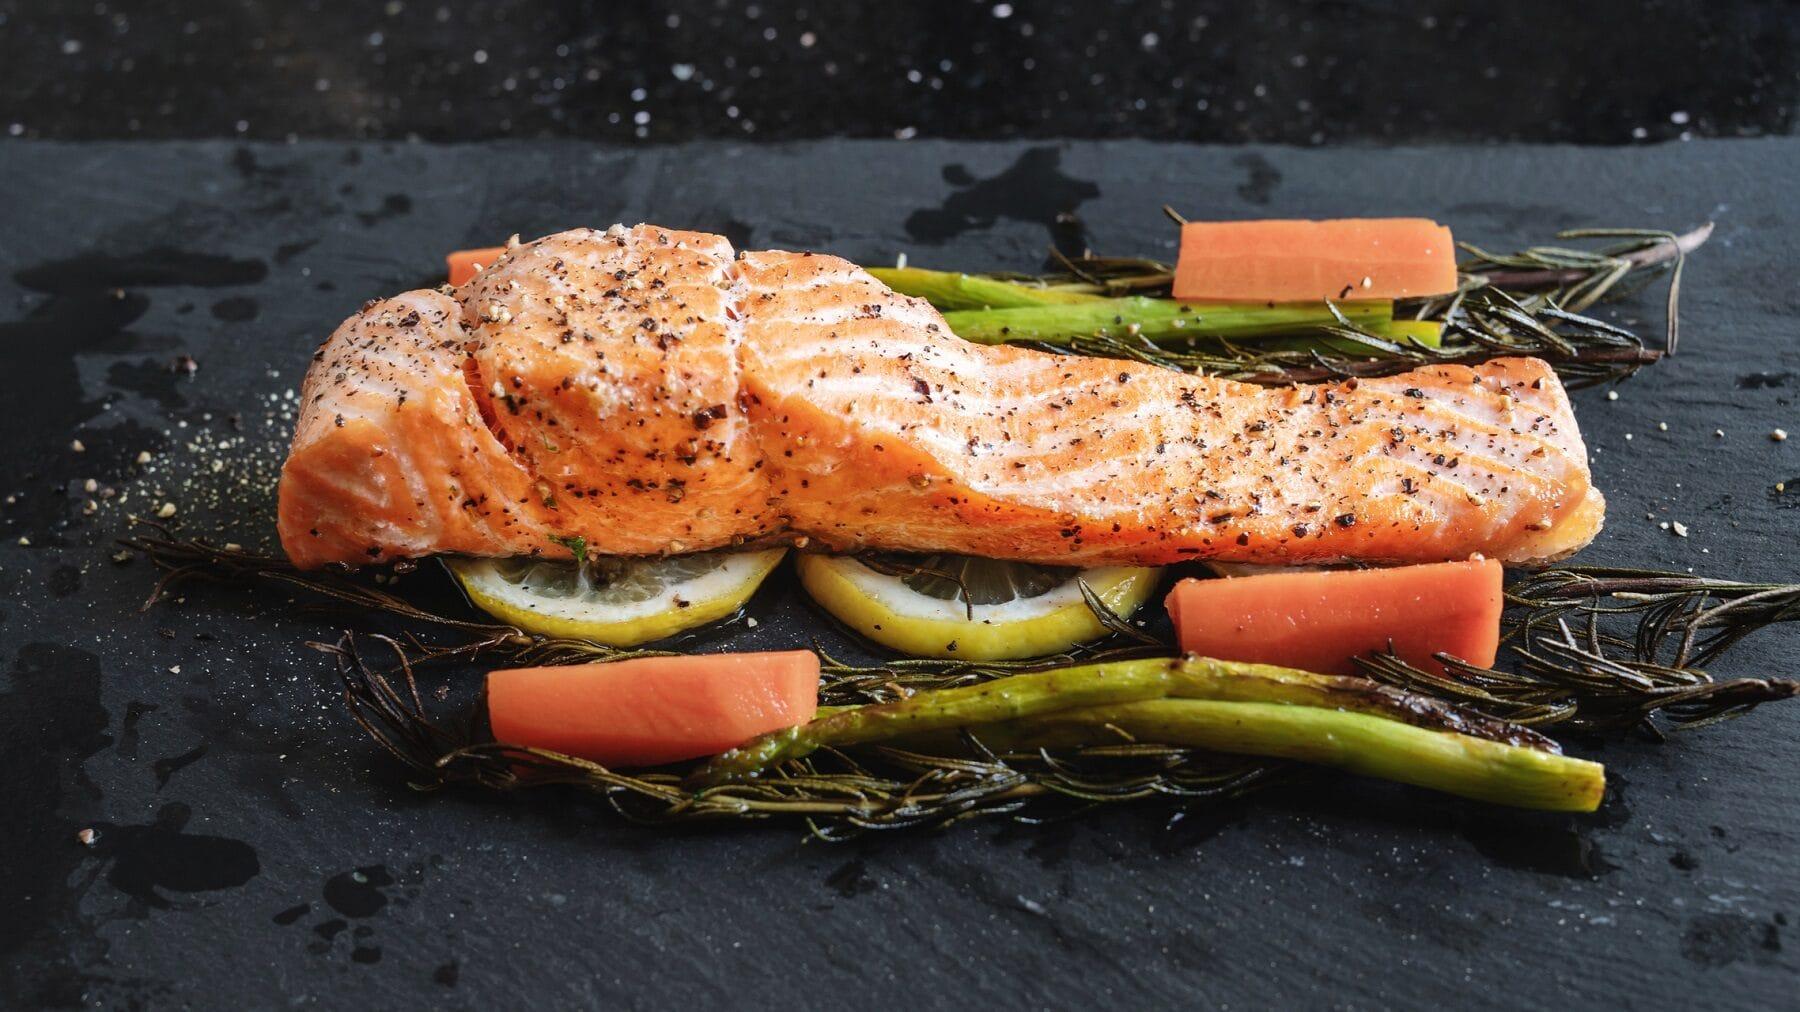 Ein Stück Lachsfilet liegt auf Rosmarin, Zitronenscheiben, Spargel und Karotten. Der Untergrund ist eine schwarze Steinplatte. Über dem Lachs und dem Gemüse sind Salz und Pfefferkörner verteilt.